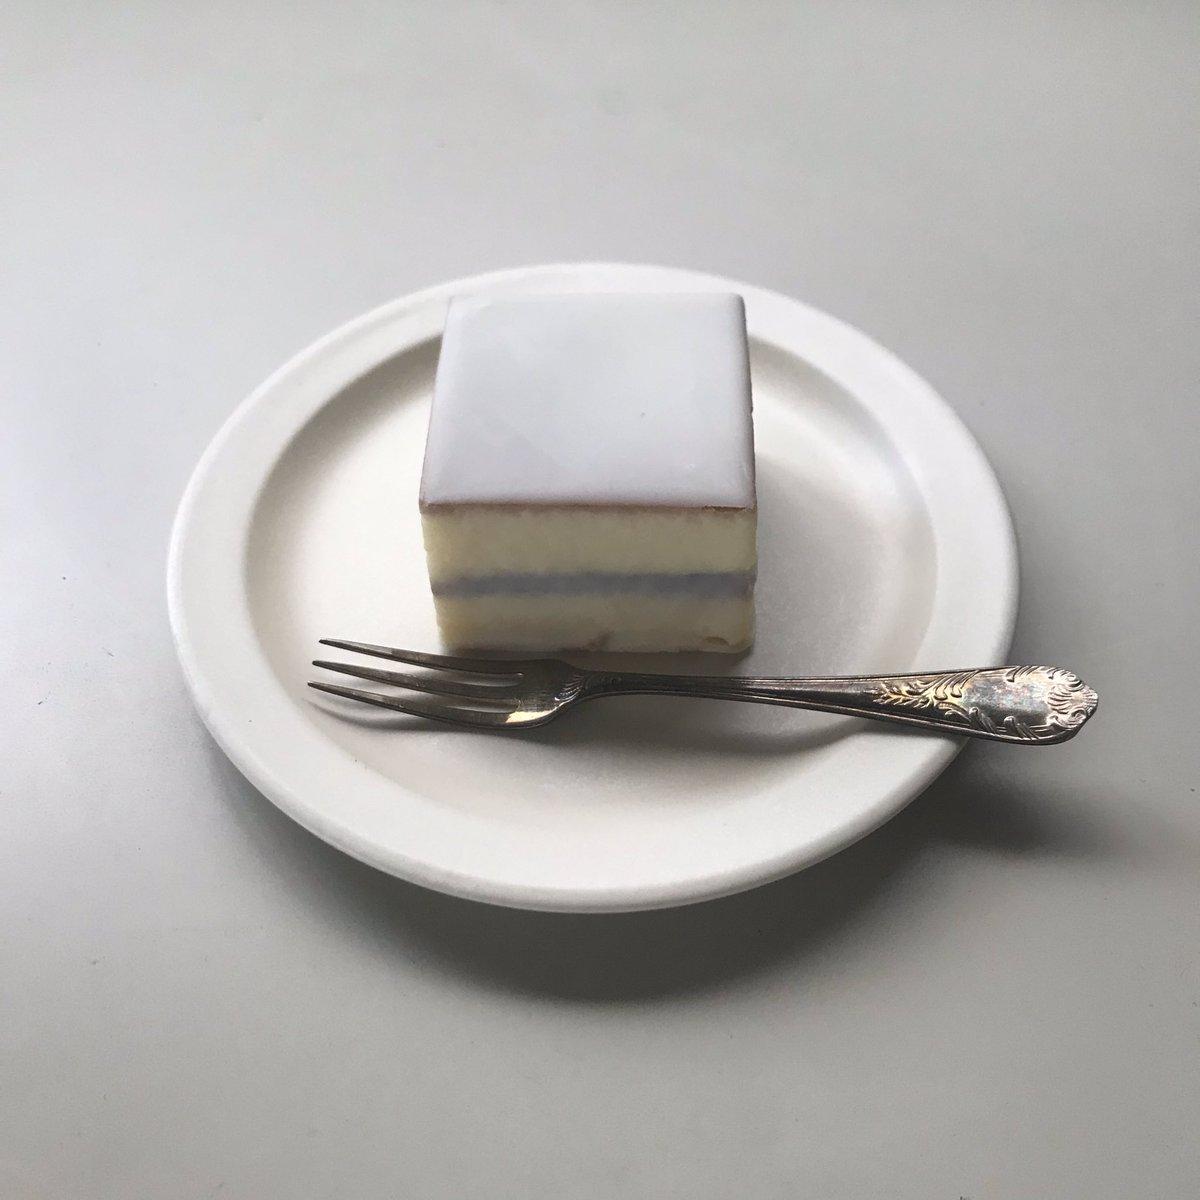 test ツイッターメディア - おいしくてかわいいお菓子を探すのが趣味です☺️💕 明治屋で見つけた鈴屋のデラベール(デラックスケーキ?)。こしあんぽい具がほろほろケーキにサンドされてておいしかった!和歌山のお菓子。包み紙もかわいい。 https://t.co/mWRt8wicKA